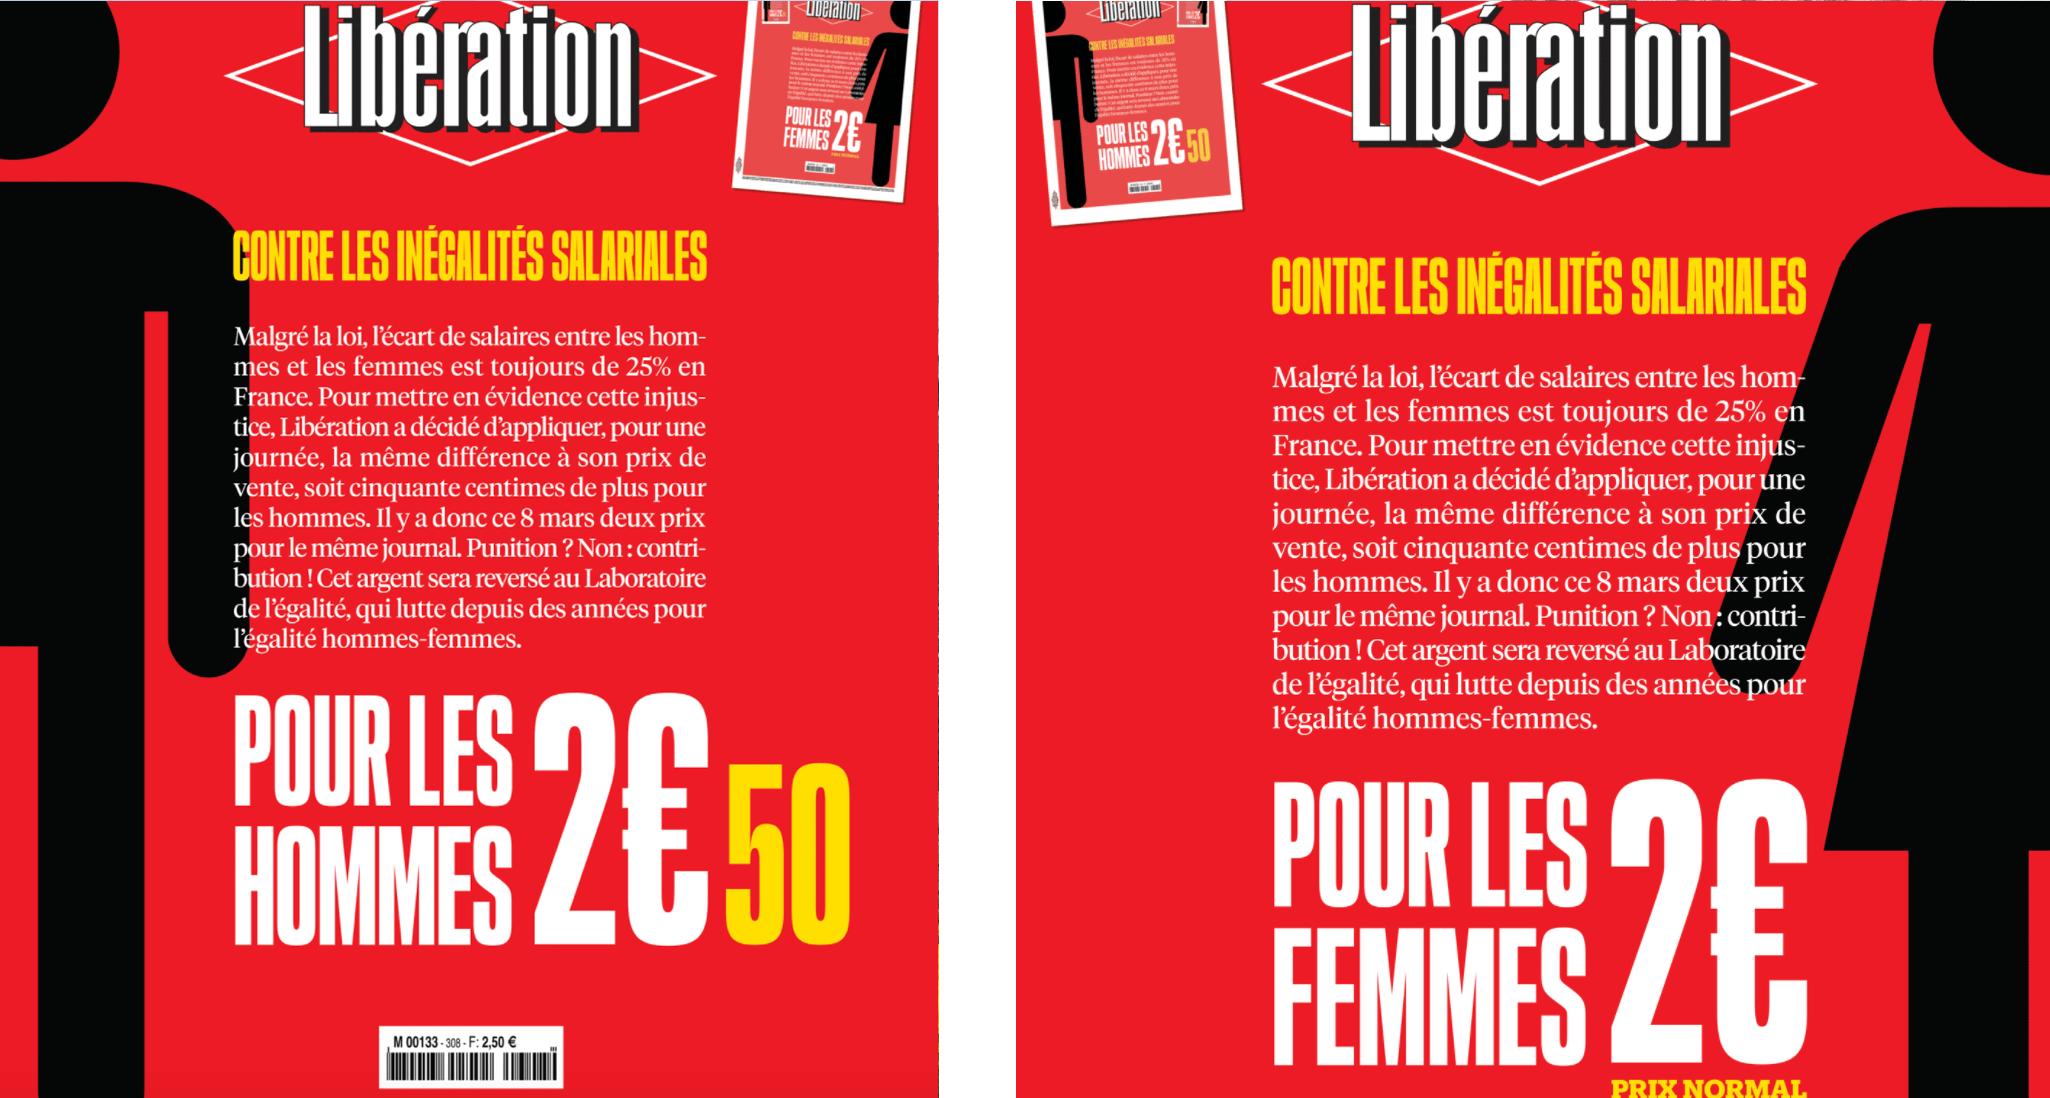 8 Marzo, Libération fa pagare il giornale più agli uomini contro la disparità salariale